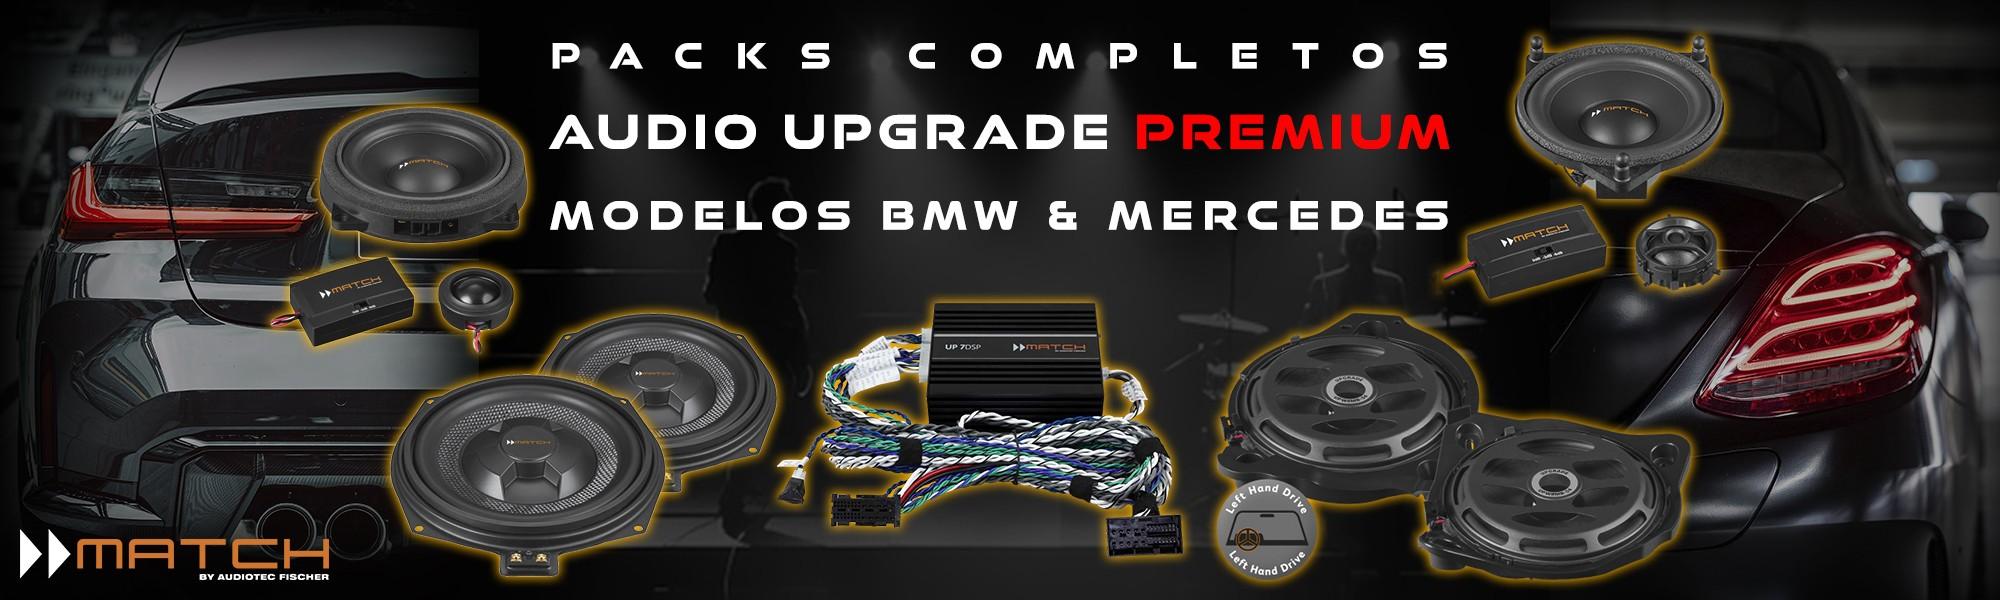 Packs audio premium BMW & Mercedes